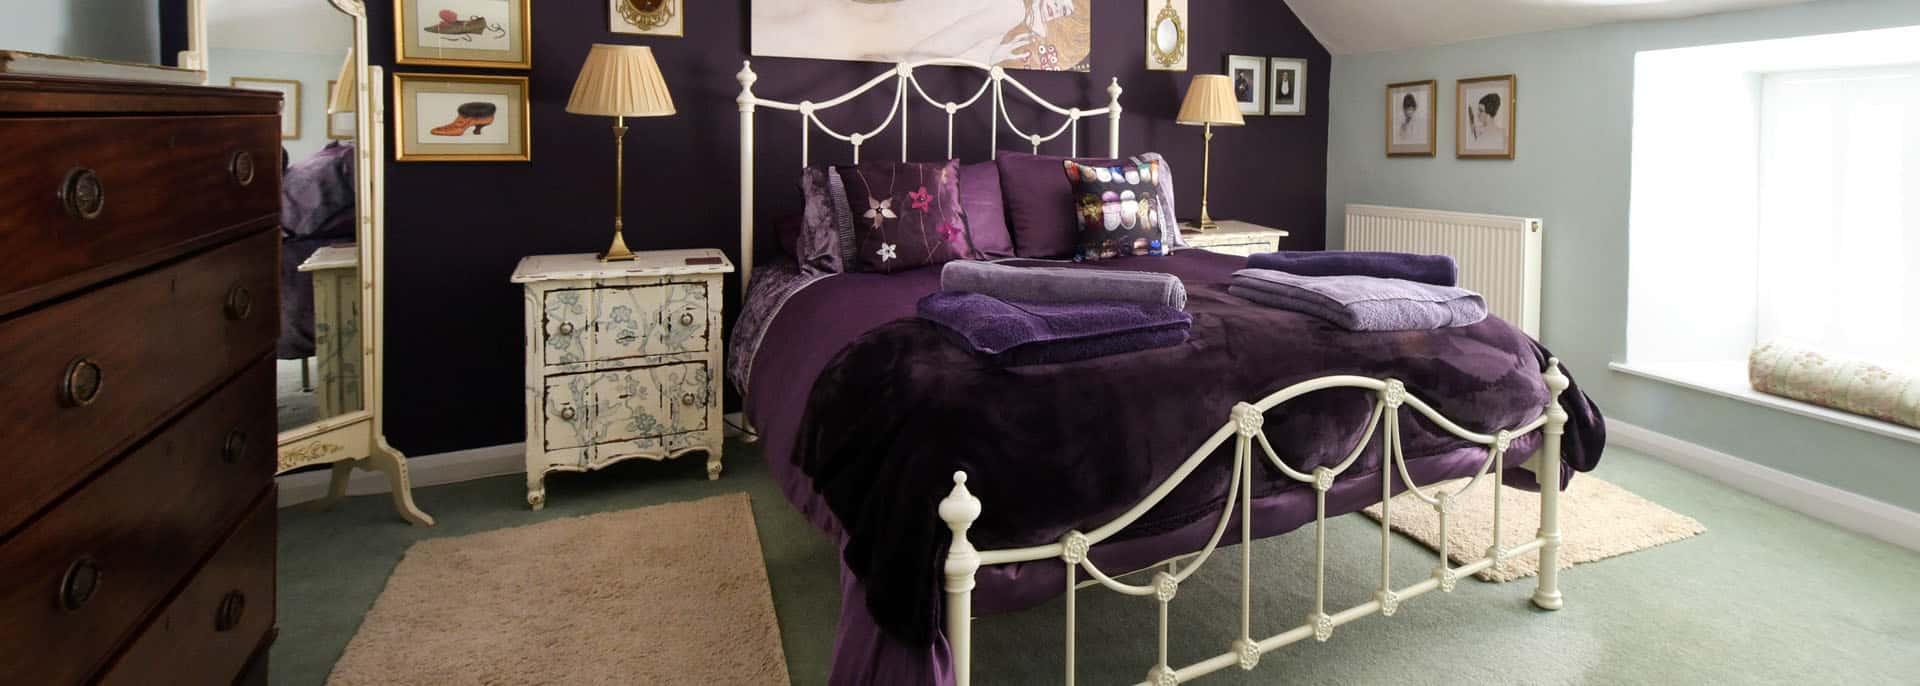 10_Bedroom_1920px